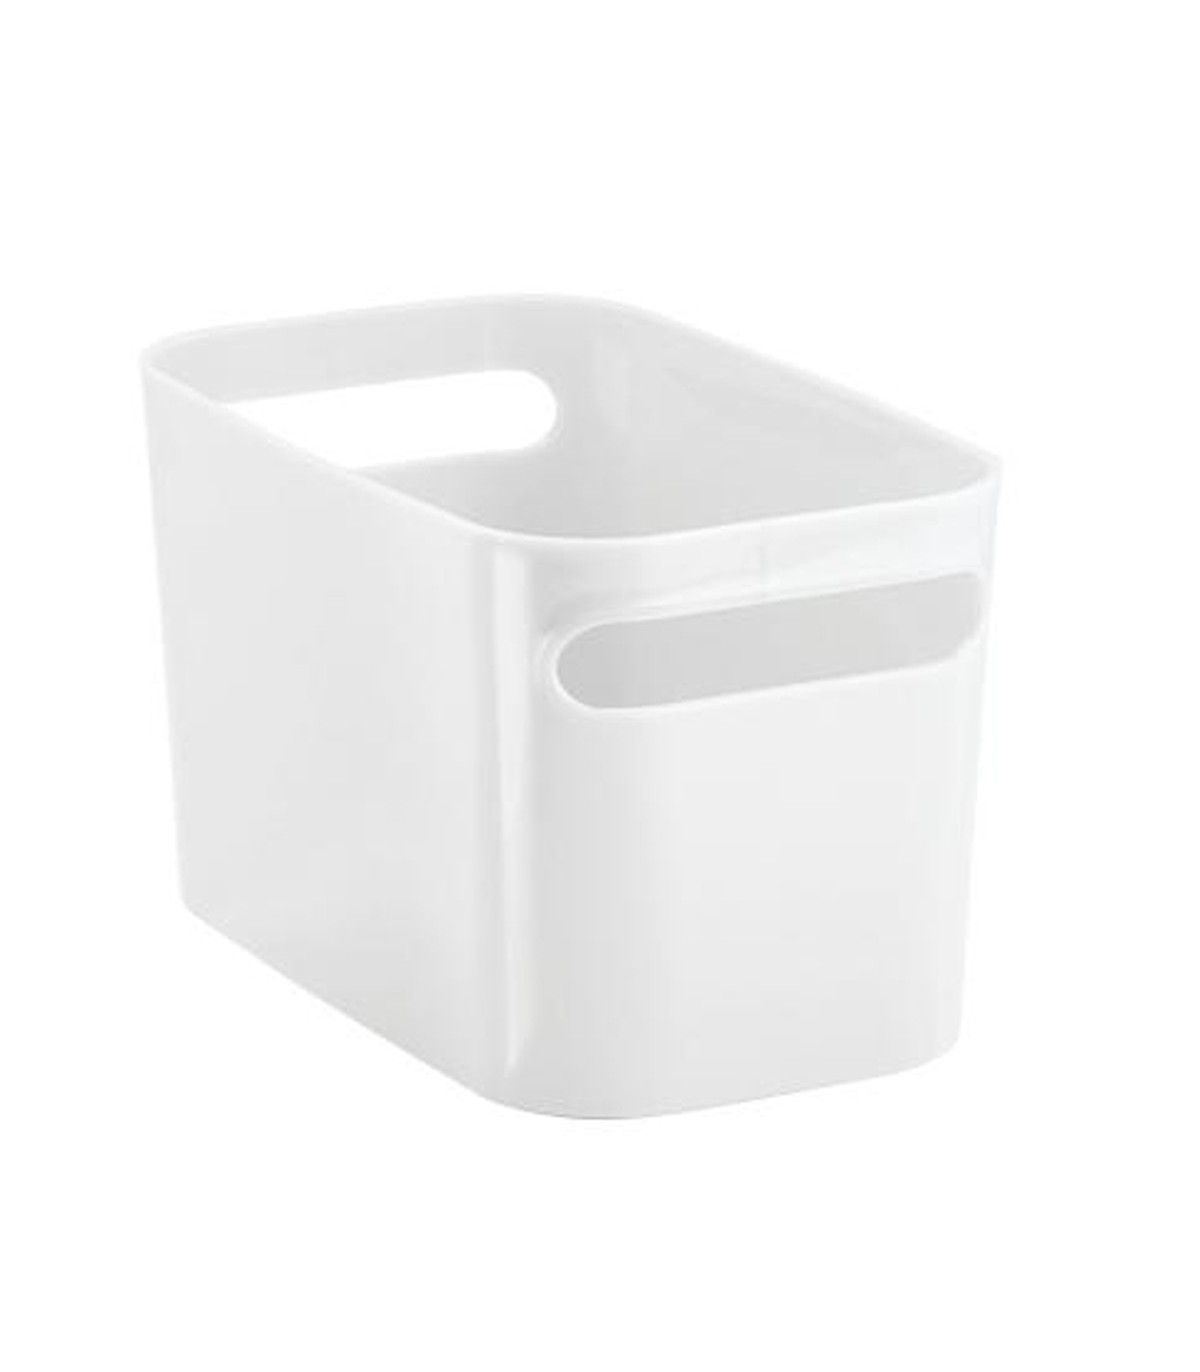 Bac de rangement pour salle de bain - Blanc